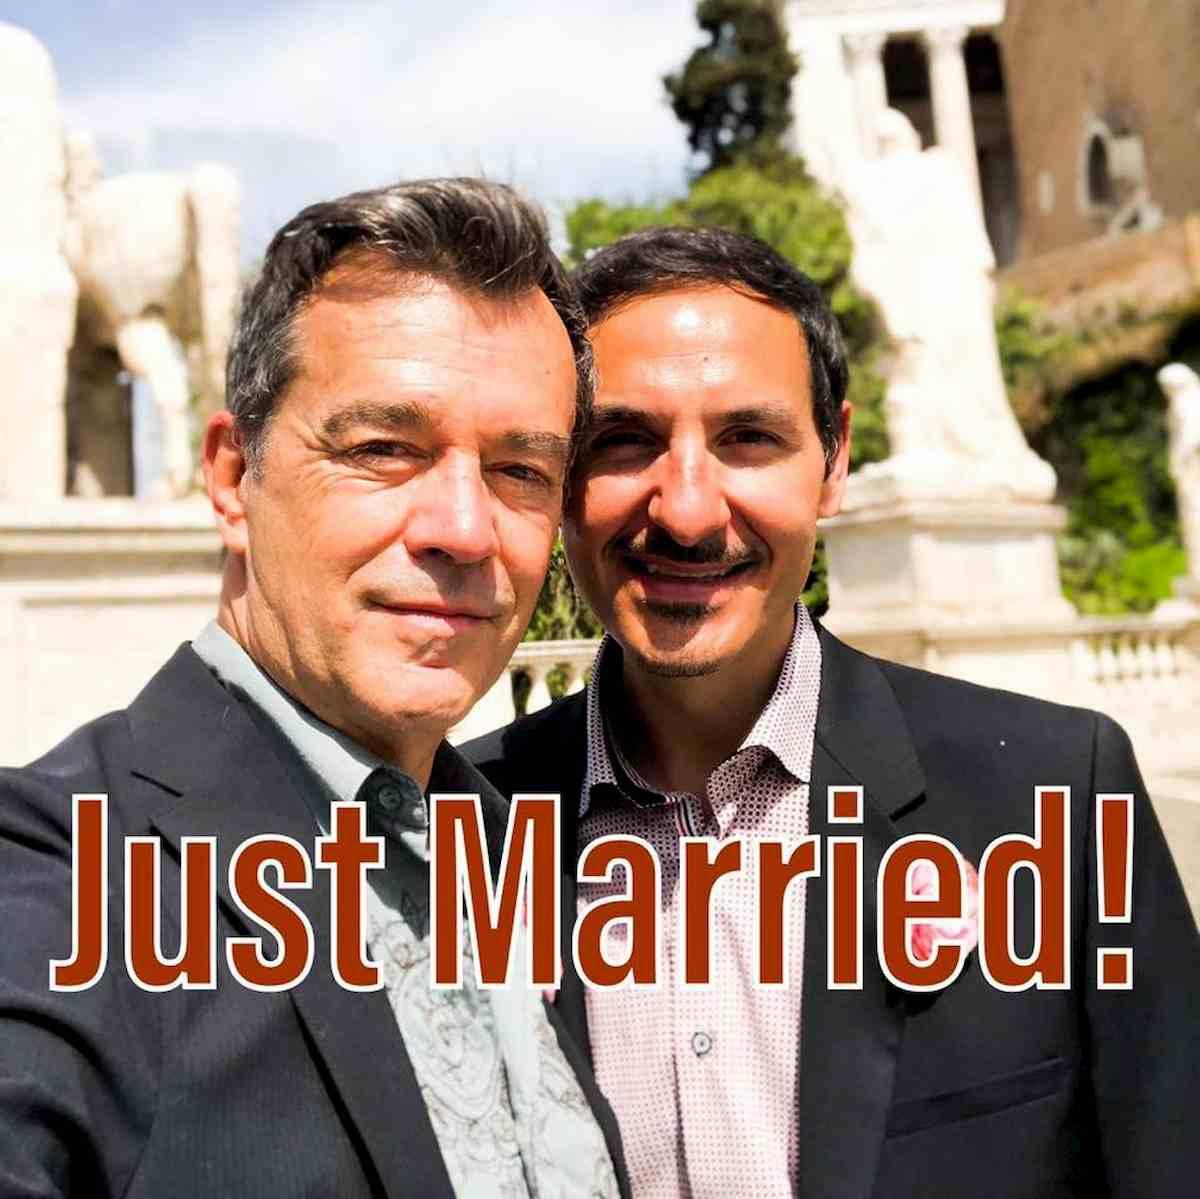 Il mitico Jean-Claude si è sposato. Il comico, al secolo Marcello Cesena, si è unito civilmente col compagno Alessandro Iovine.